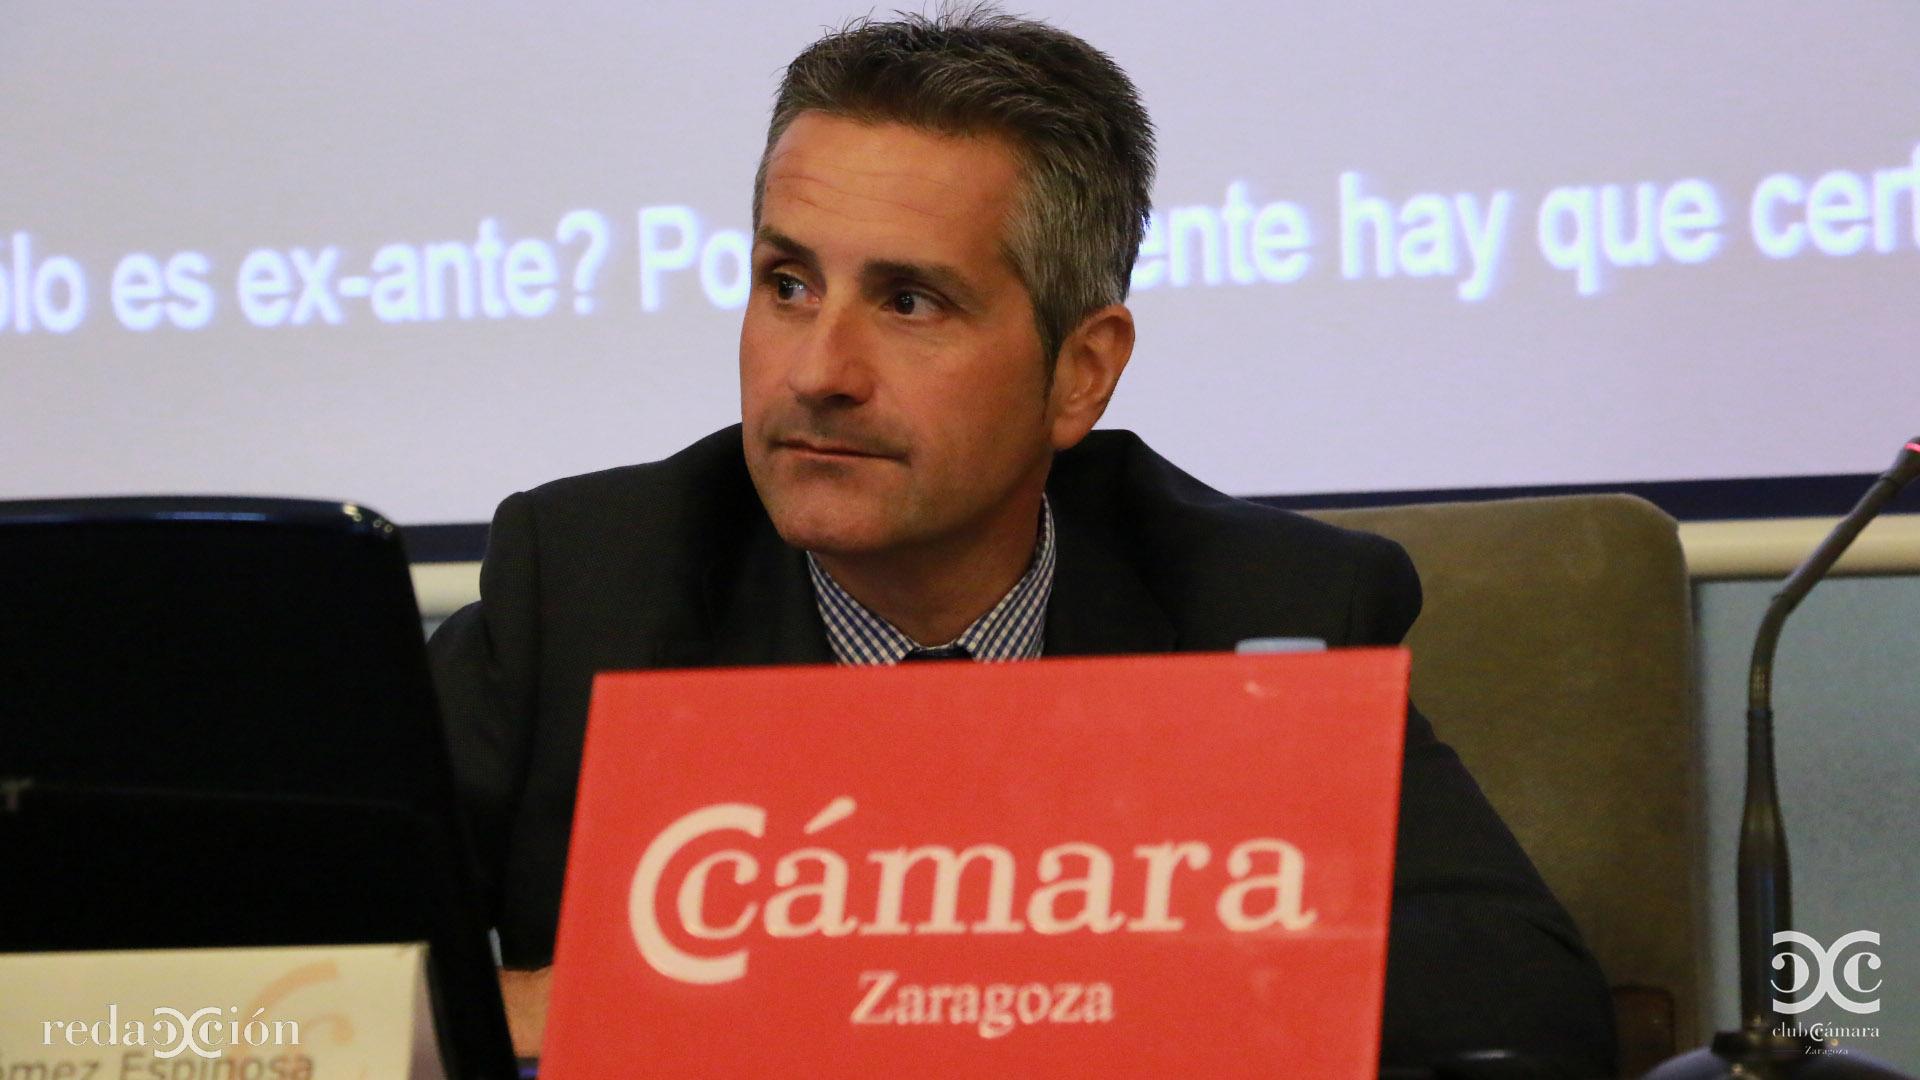 Alfredo Gómez Espinosa